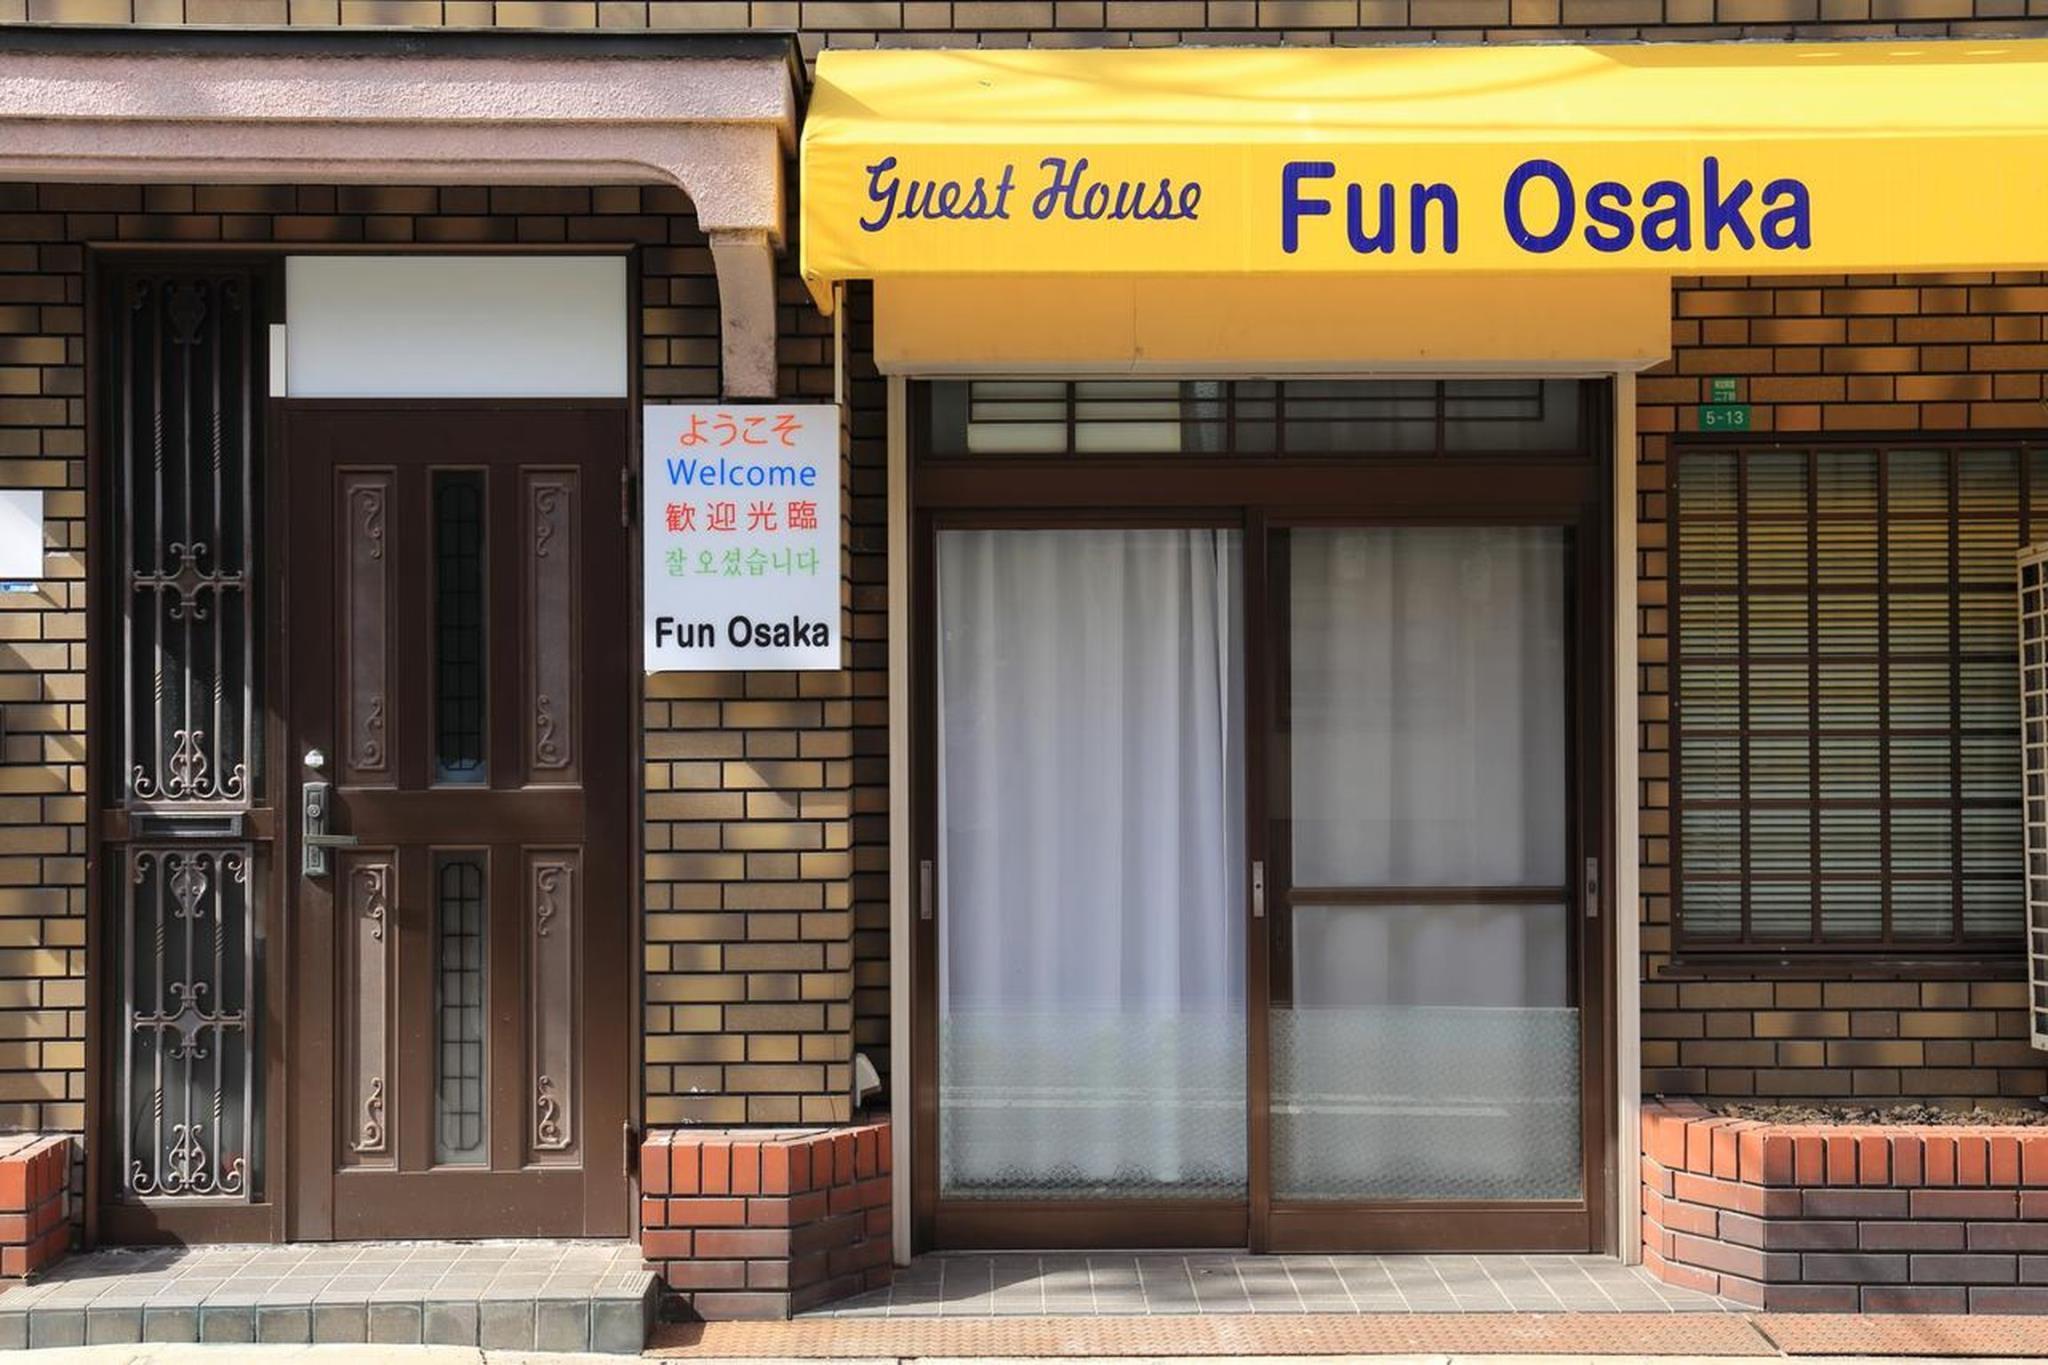 Guest House Fan Osaka